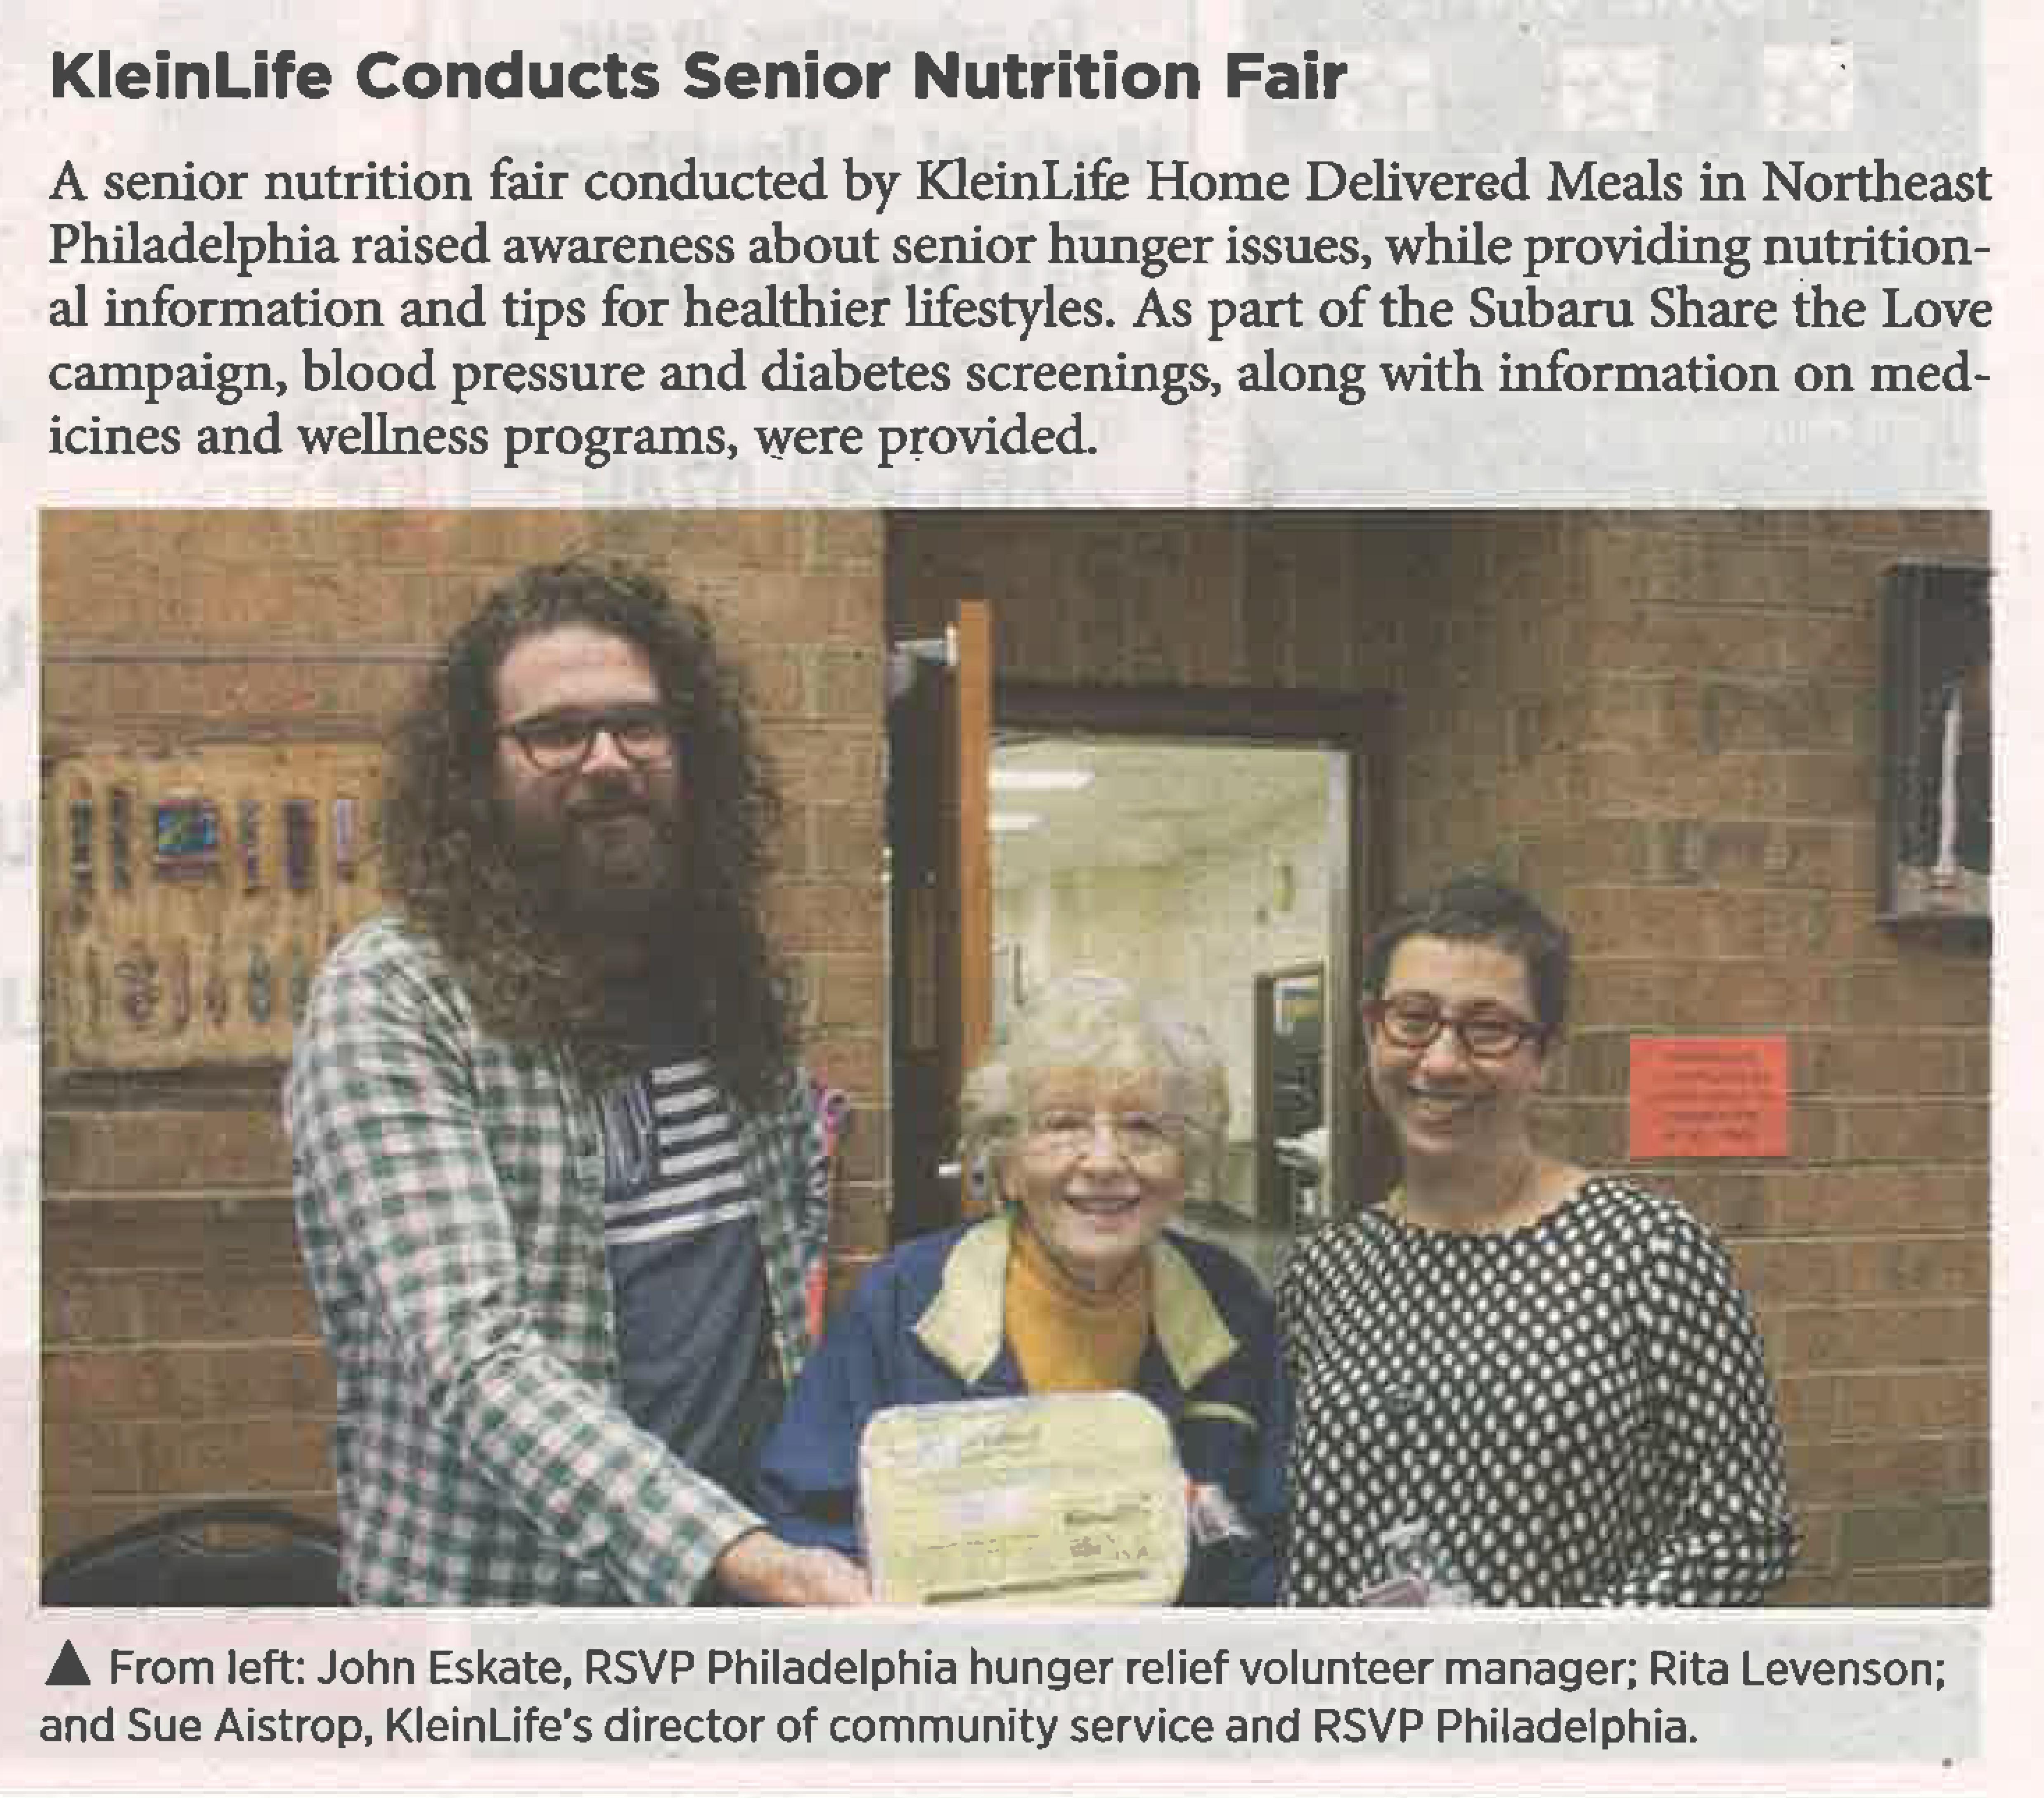 Share the Love Nutrition Fair